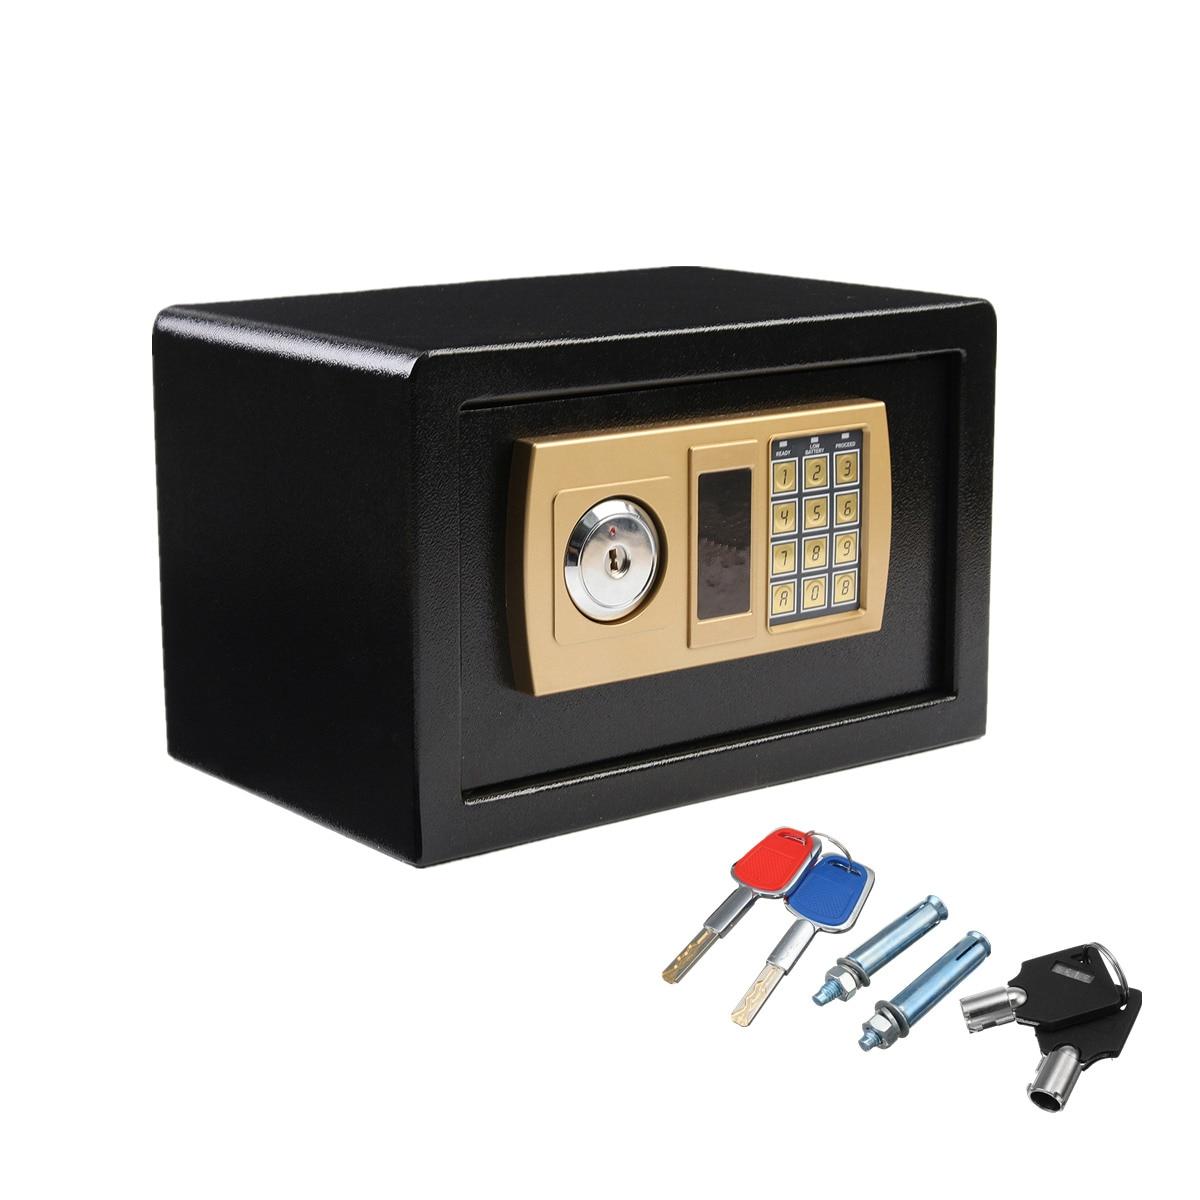 Caja de Seguridad Digital de 310x200x200mm para Caja de seguridad a prueba de fuego Ideal Caja de seguridad secreta contraseña electrónica segura para joyería Caja de oro Fuerte